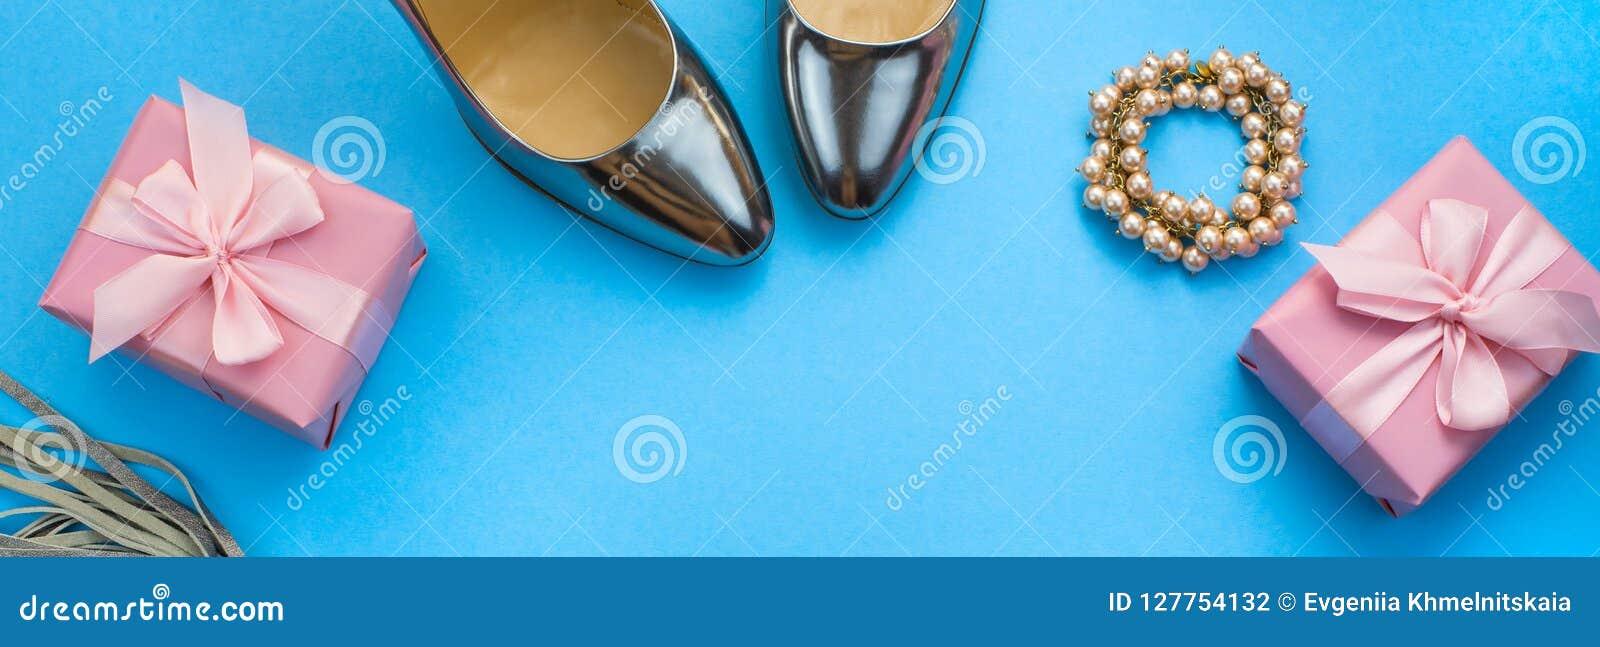 O grupo da bandeira de plano dos acessórios de forma coloca a cor da prata da joia da colar da bolsa das sapatas no espaço azul d